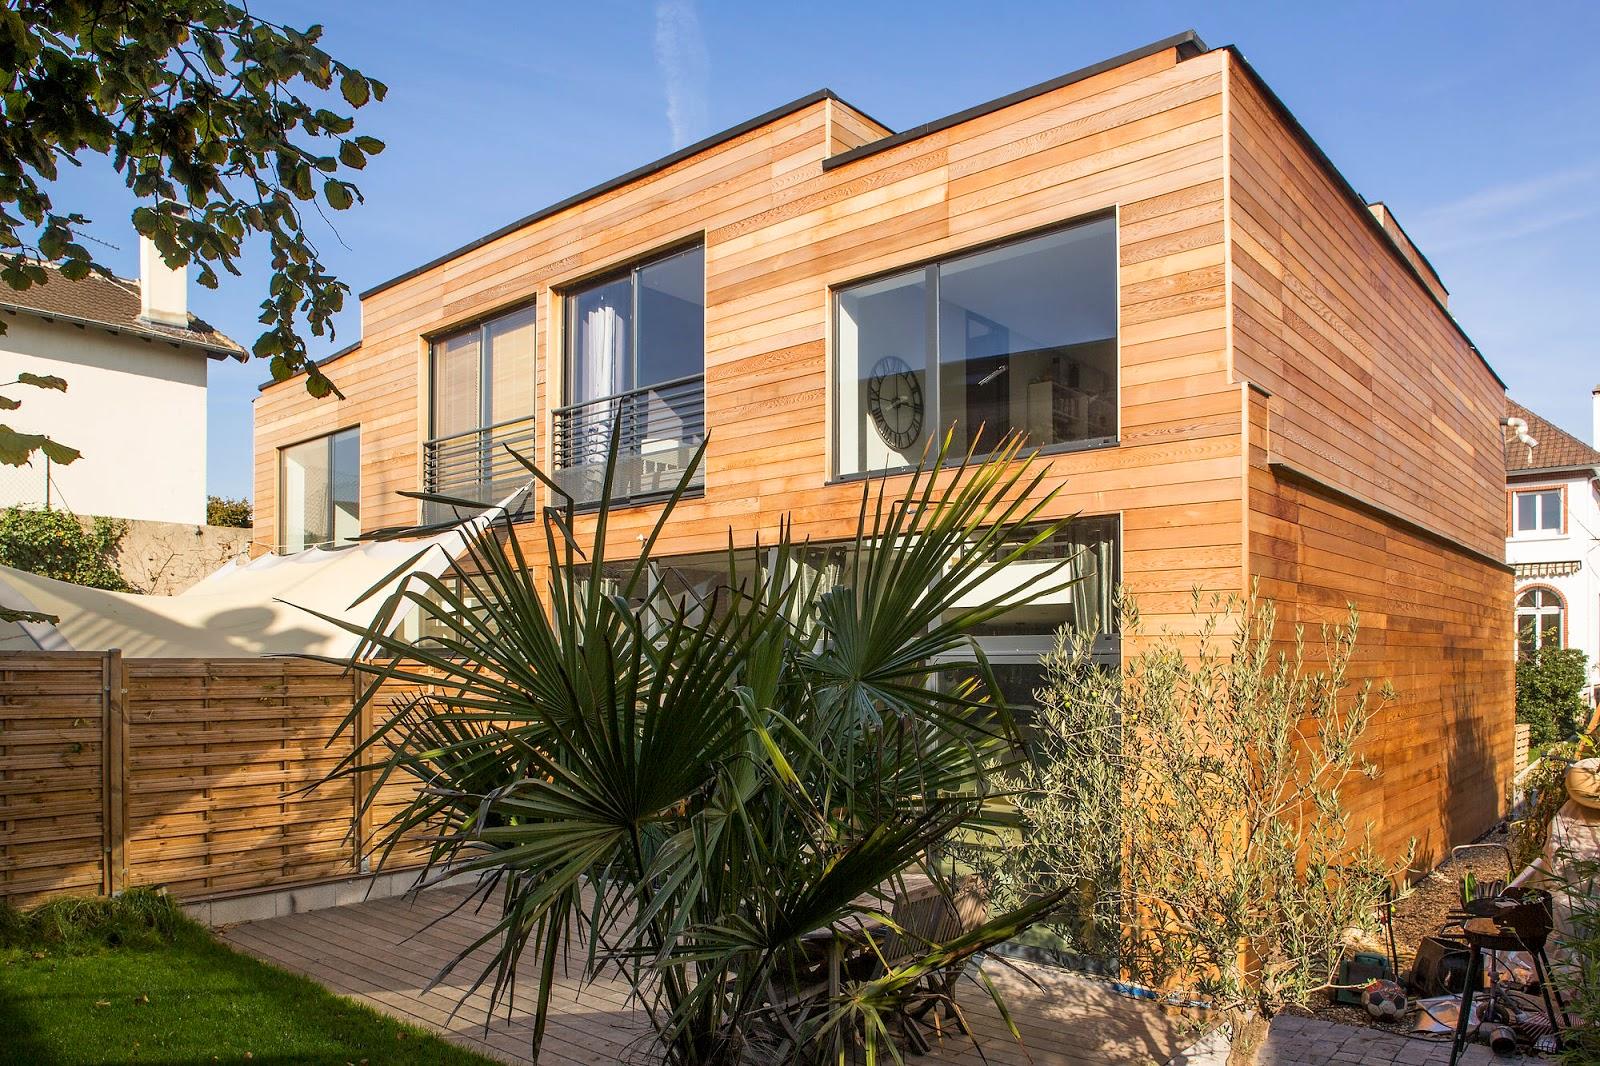 Nice Maison Plein Pied Ou En étage Quelle Différence De Prix